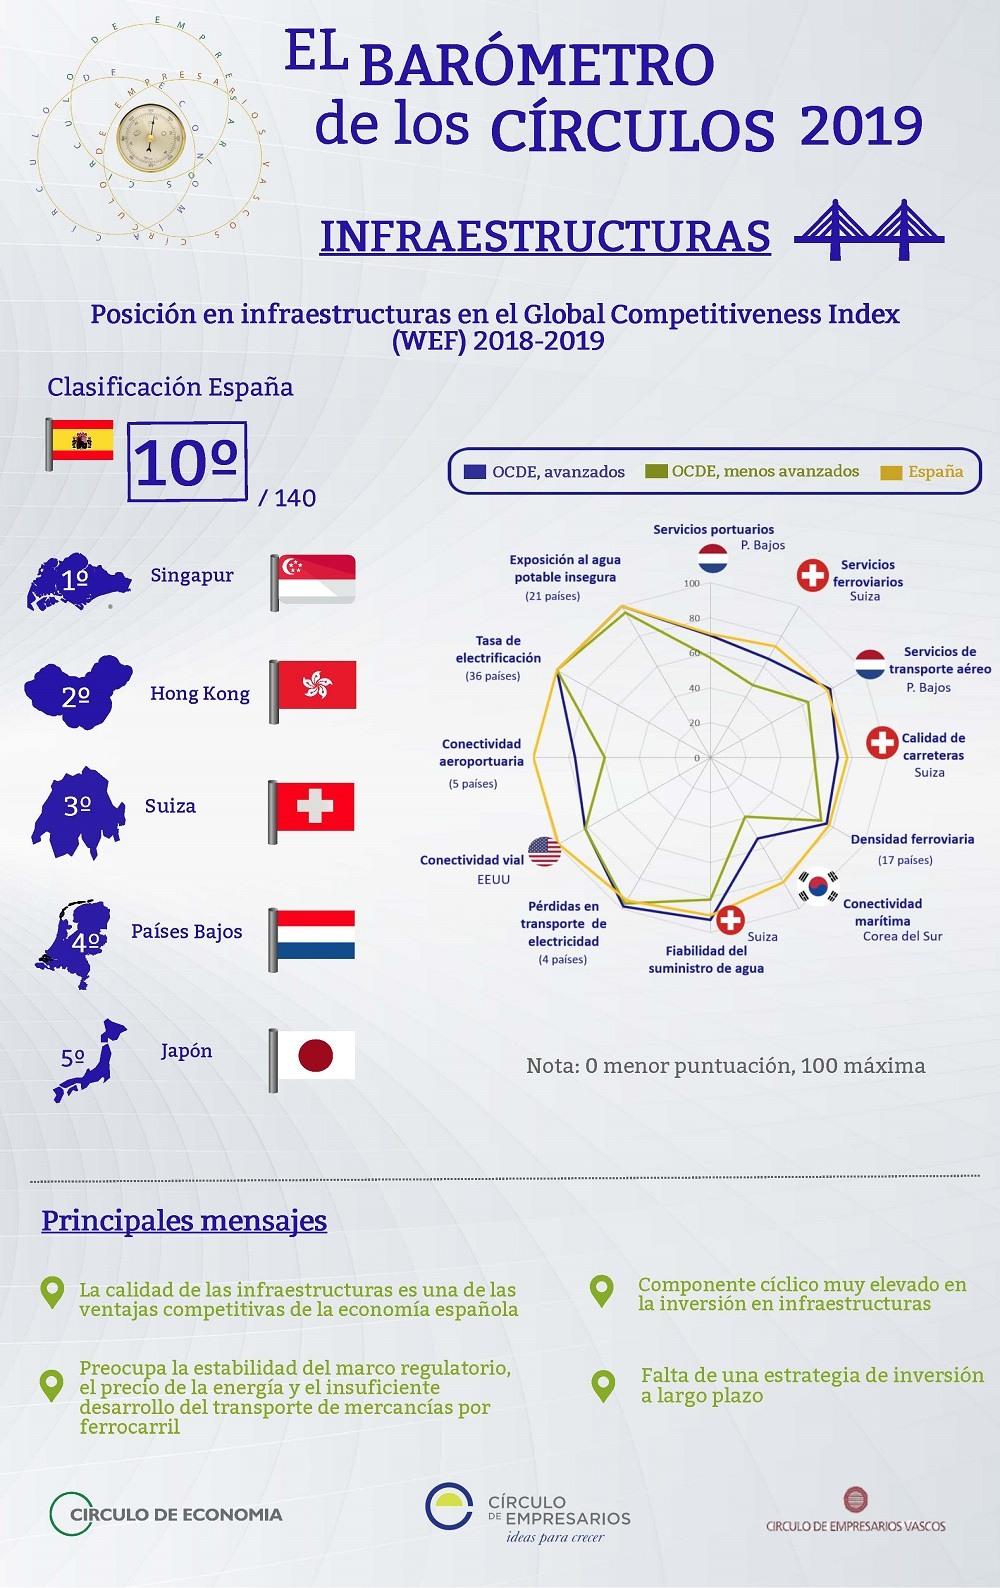 Infraestructuras infografía Barómetro de los Círculos Febrero 2019